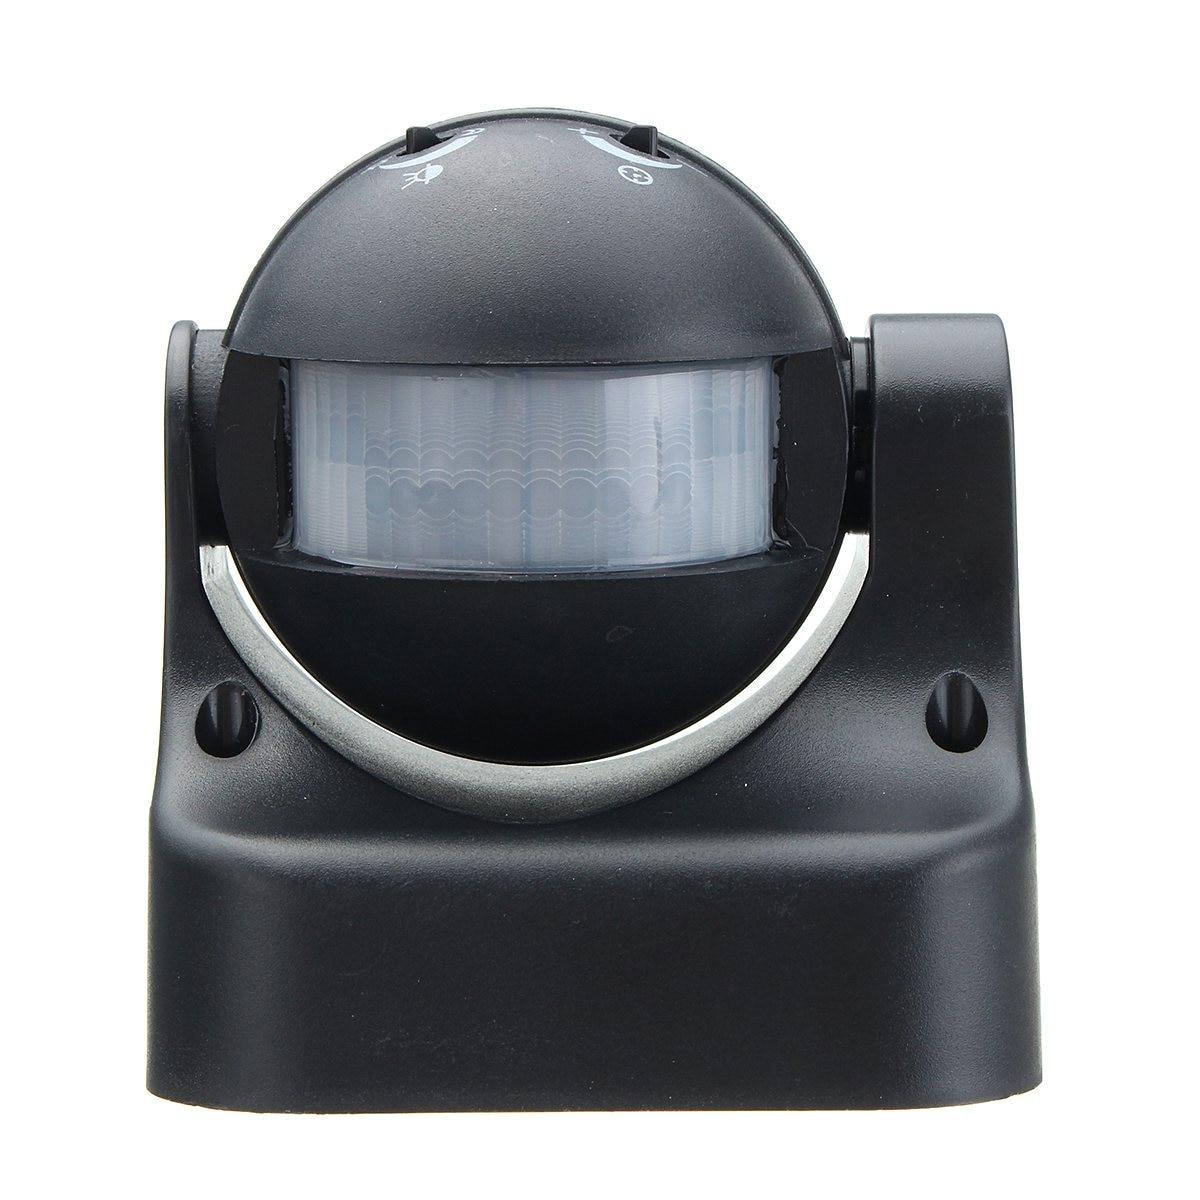 Safurance AC110V-240V Outdoor Human Body Infrared Detector Motion Sensor Switch Black Home Automation new safurance ac110v 240v outdoor human body infrared detector motion sensor switch black home automation